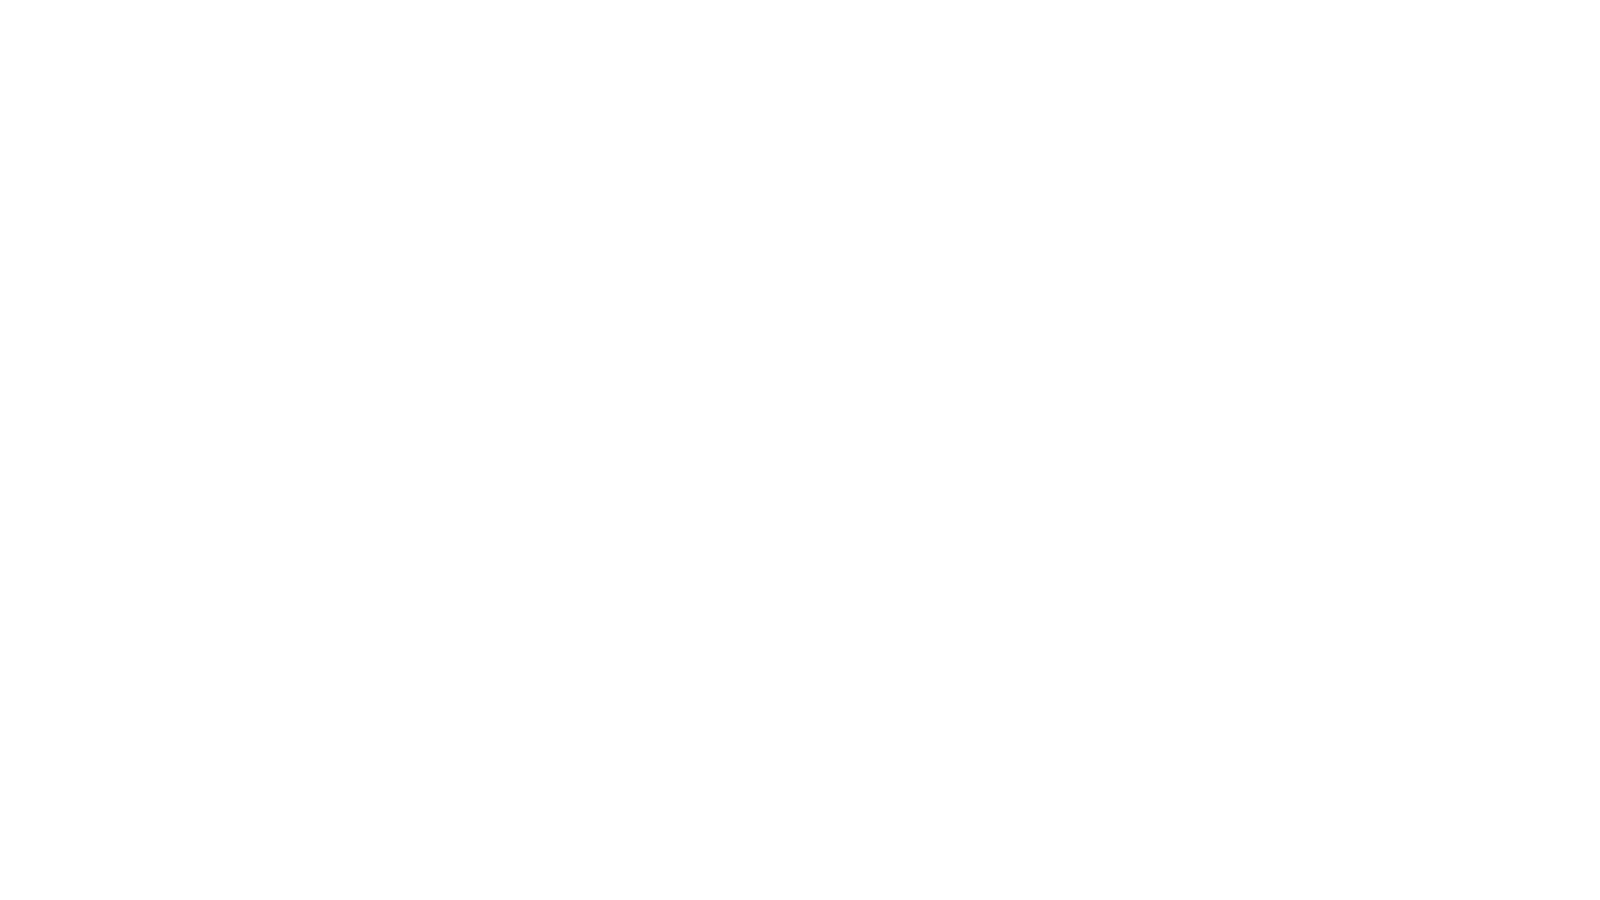 御殿場市民会館の舞台スタッフが、舞台で使われている基本的な「舞台用語」をご紹介致します。  #御殿場市民会館#大ホール#バックステージ# 舞台用語#gotemba#gotembagram